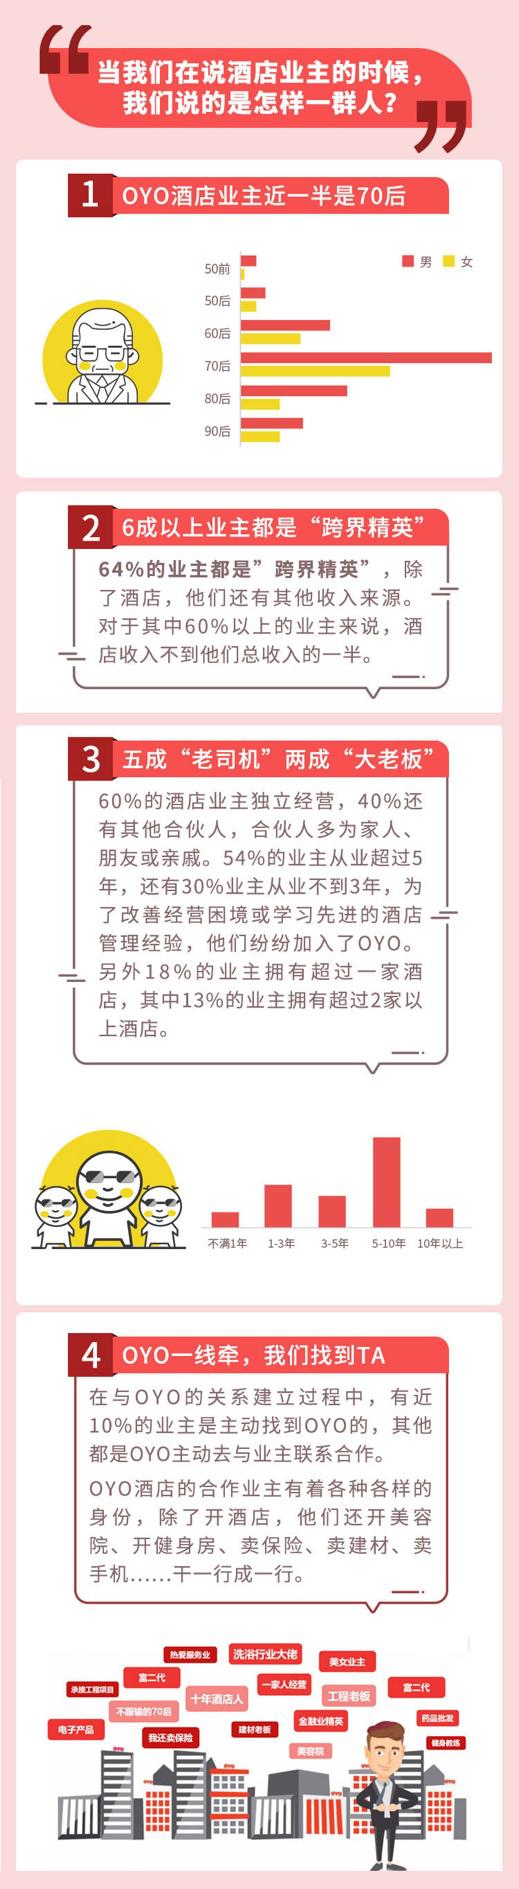 OYO酒店发布业内首份《中国单体酒店业主大数